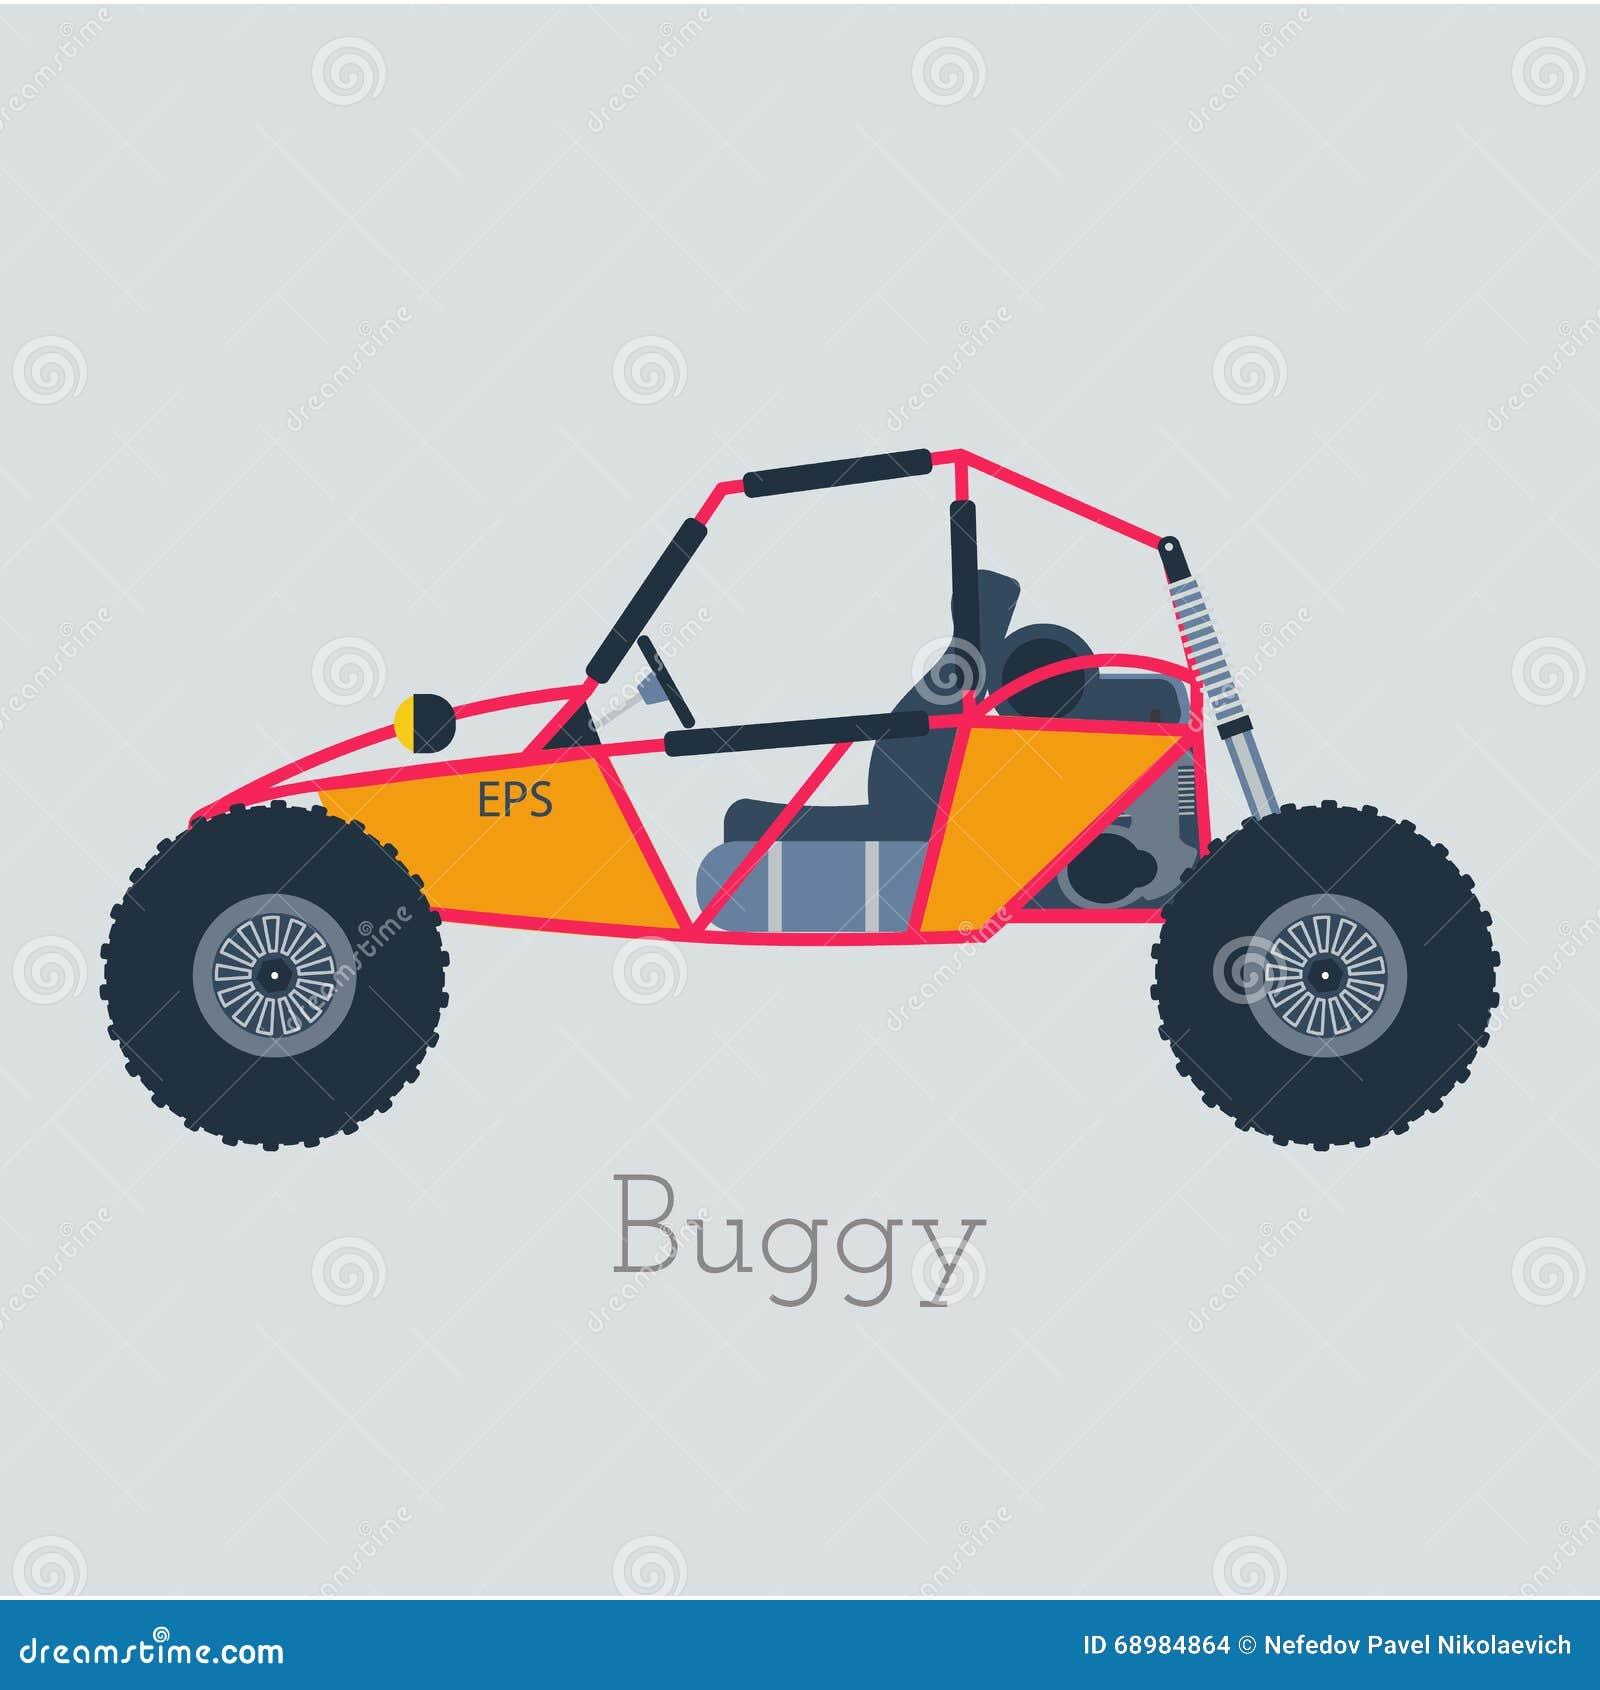 Z - Drogowej powozika 4x4 ilustraci Zapluskwiony samochód na szarym tle Zapluskwiona diuna Zapluskwiona ilustracja Zapluskwiony s